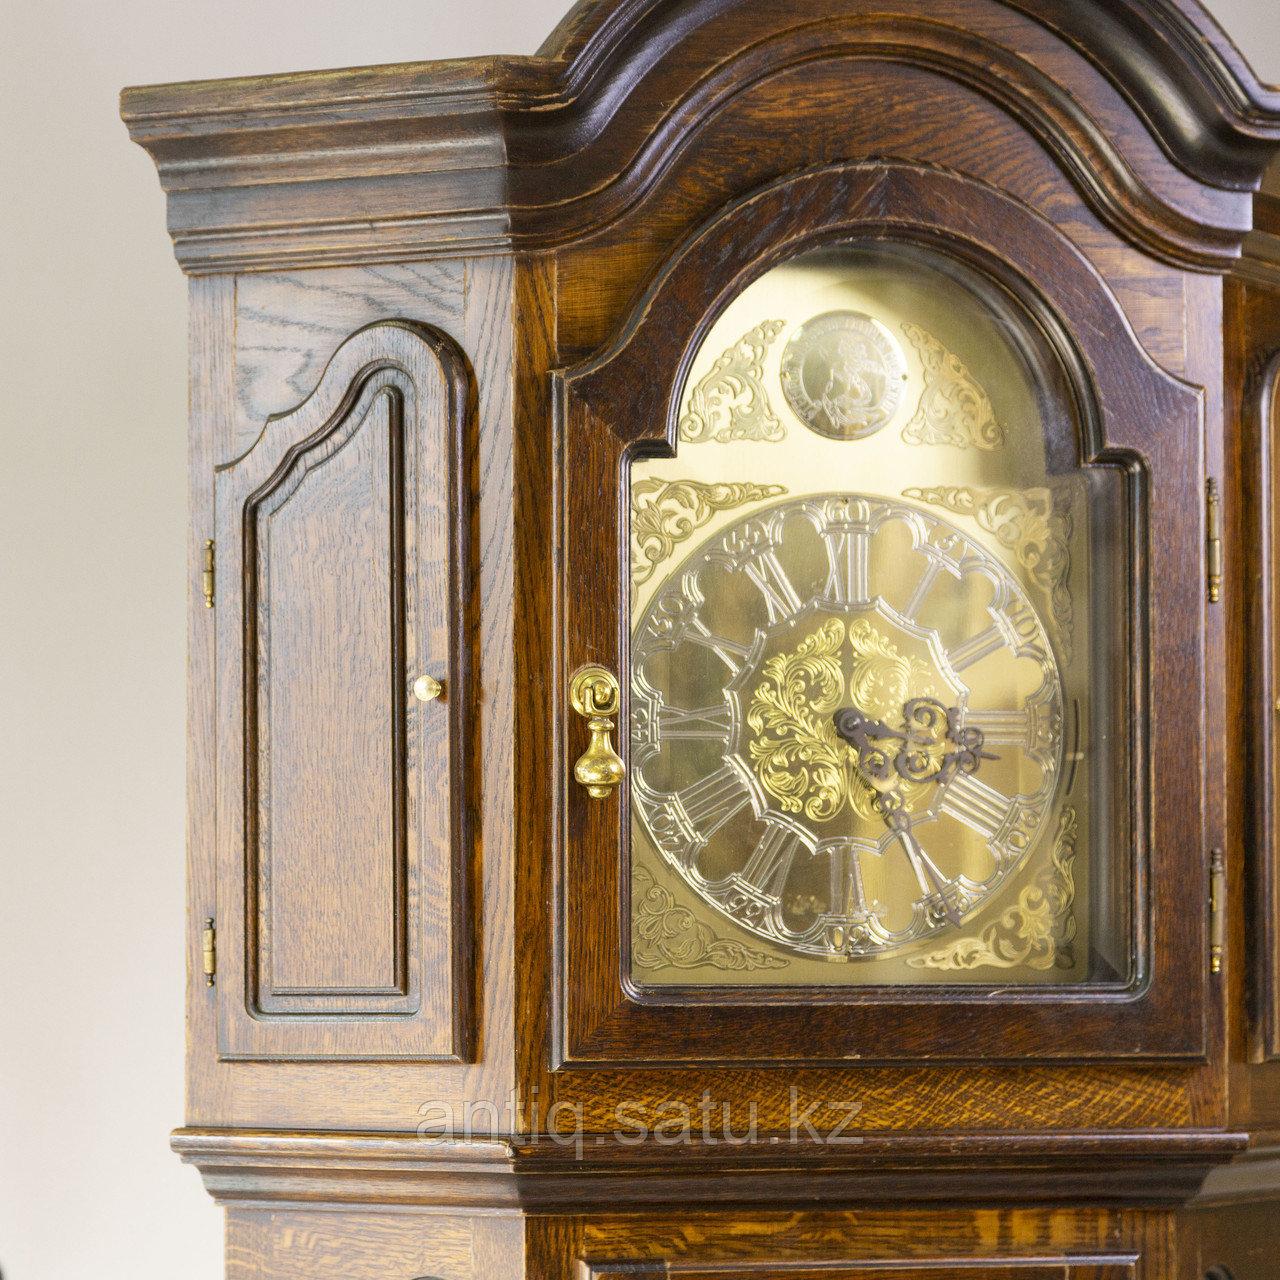 Напольные часы INTERCLOCK. Франция - фото 5